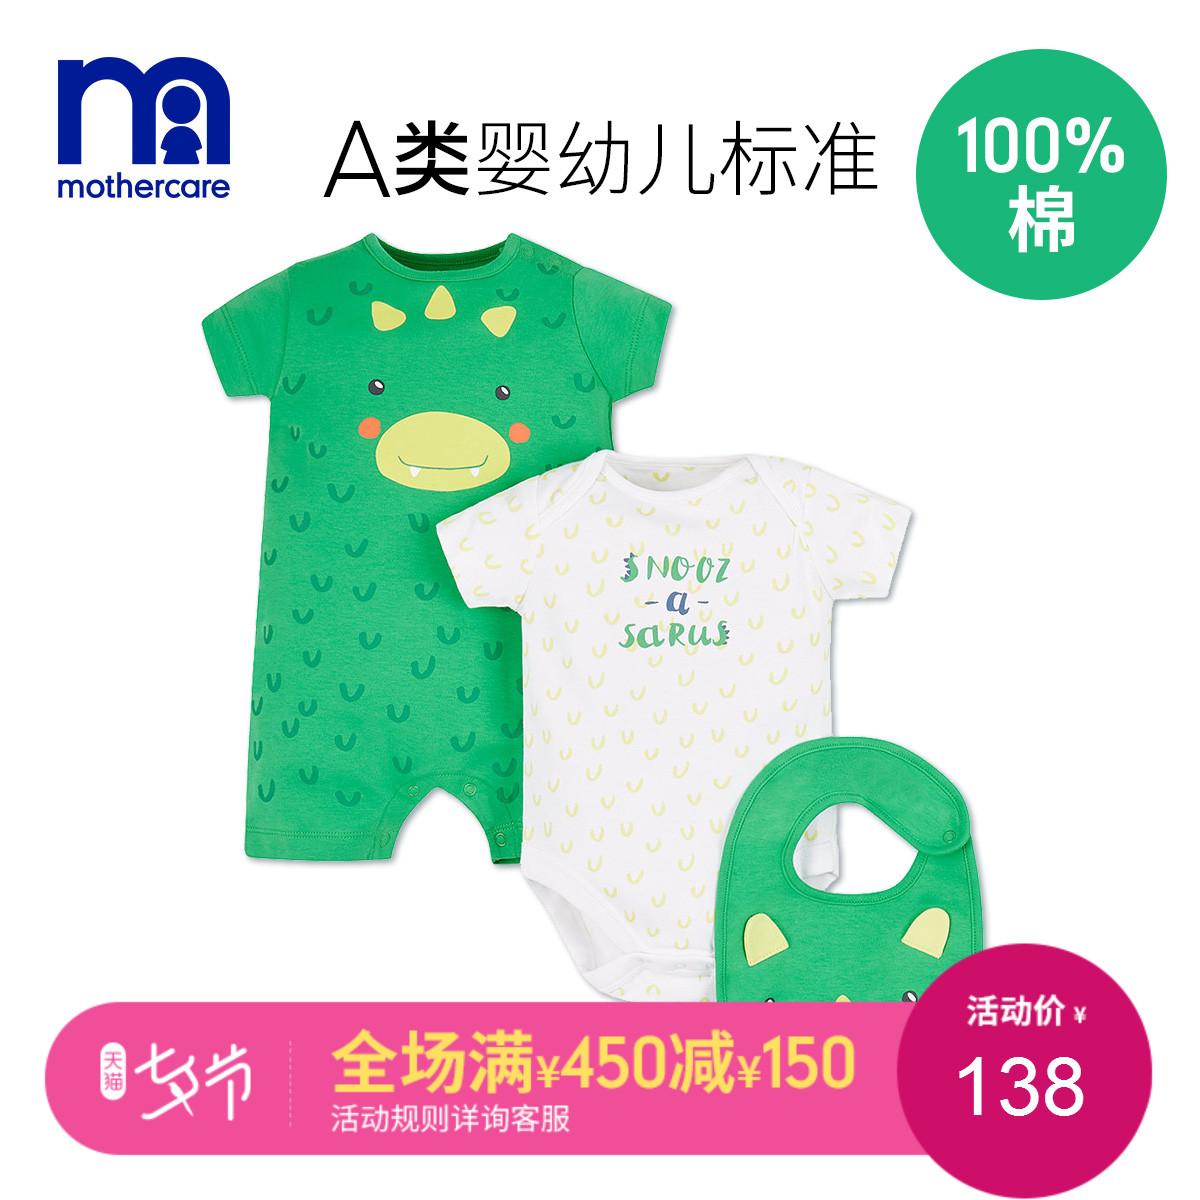 mothercare初生婴儿衣服哈衣夏男宝宝薄款棉质短袖恐龙图案连体衣